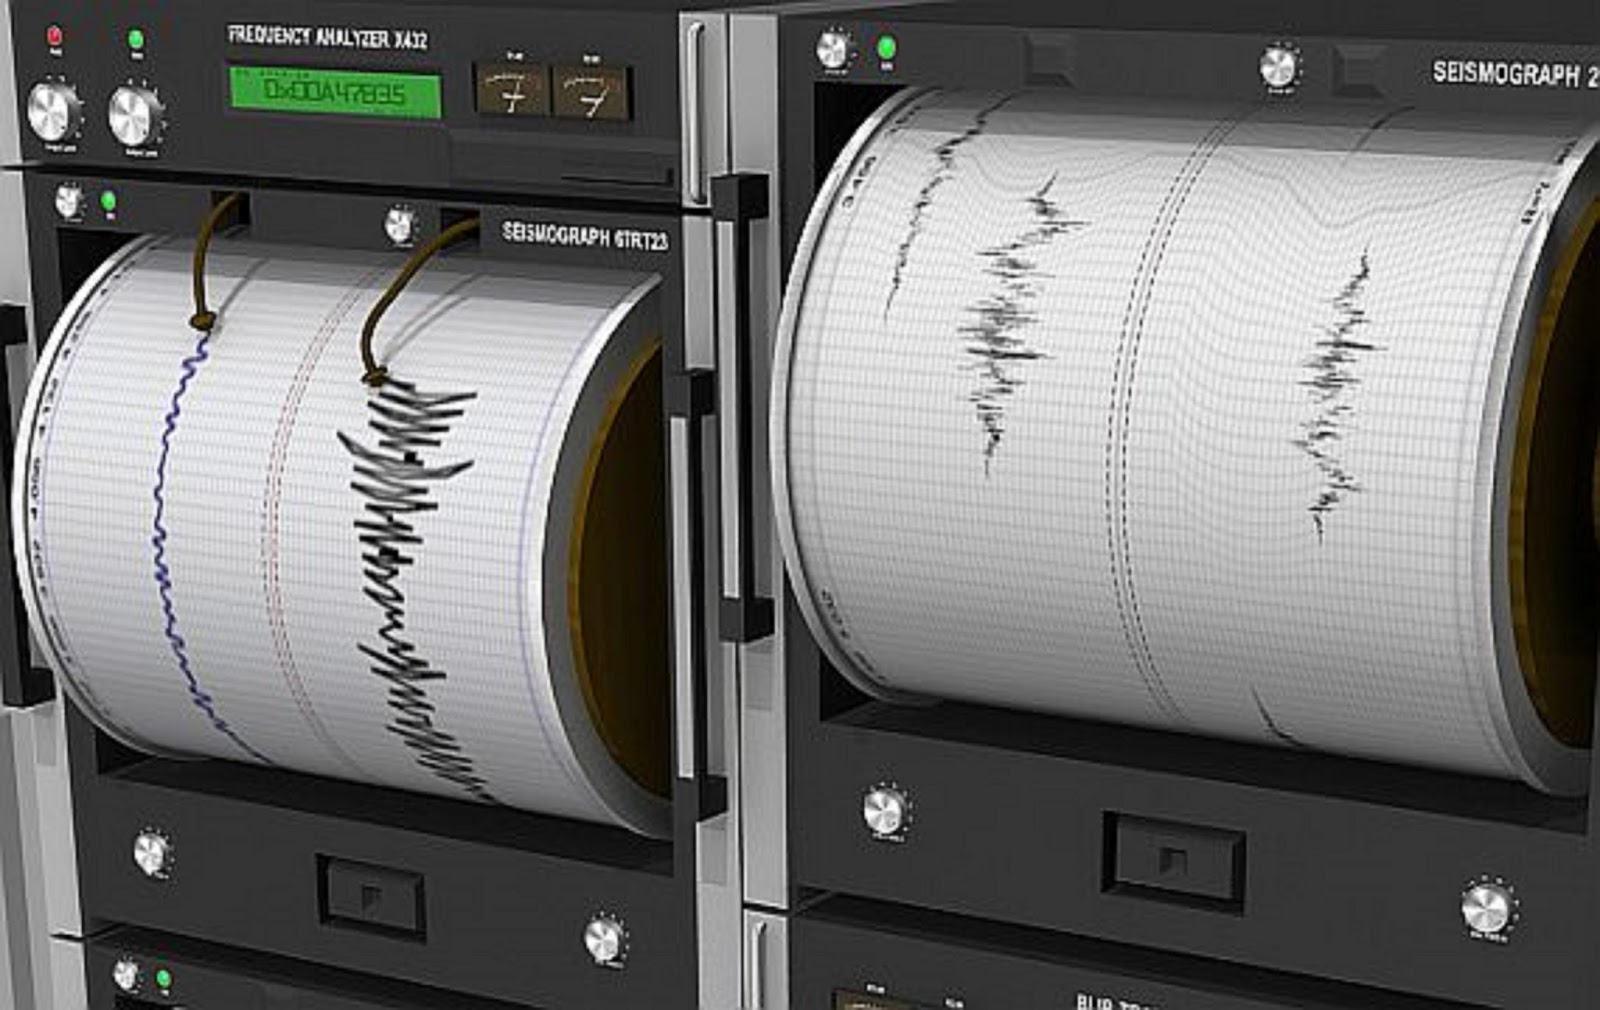 Δυνατός σεισμός 3,7 Ρίχτερ στην Αθήνα - Οι πρώτες εκτιμήσεις των ειδικών